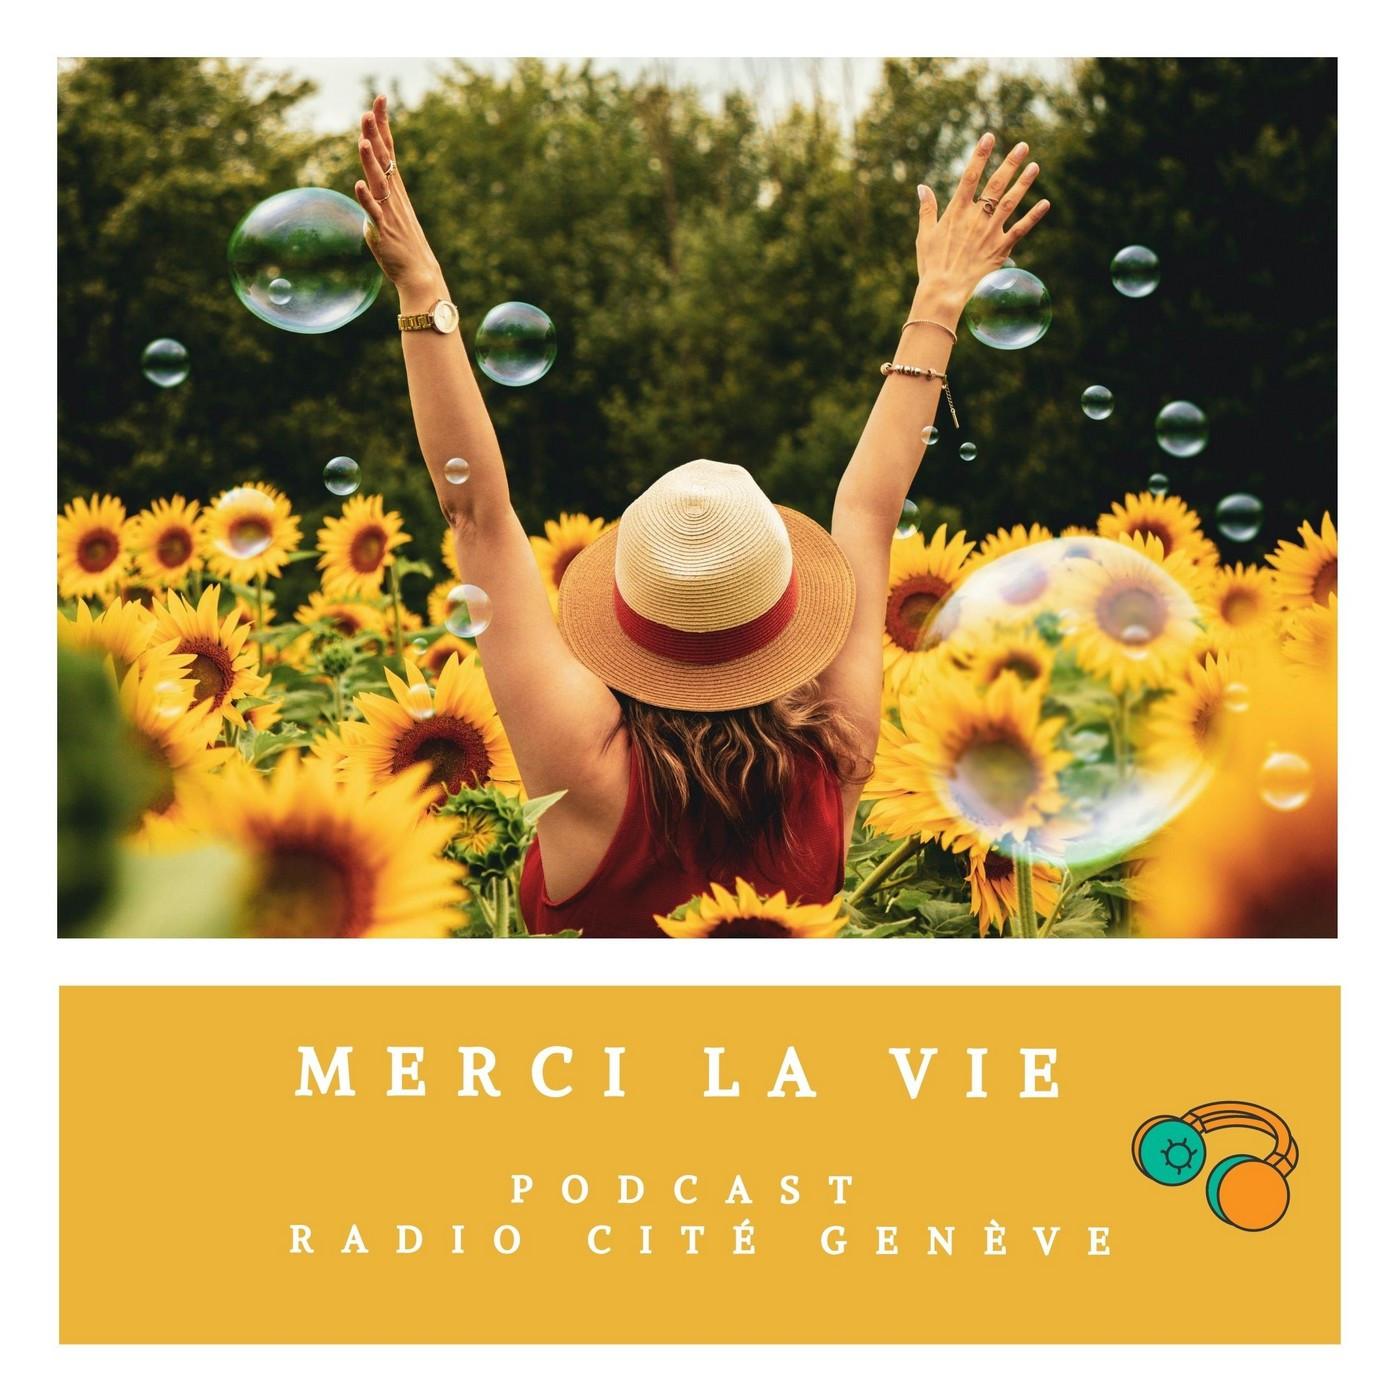 Merci la Vie du 17/11/2020 - Olivier Berlie